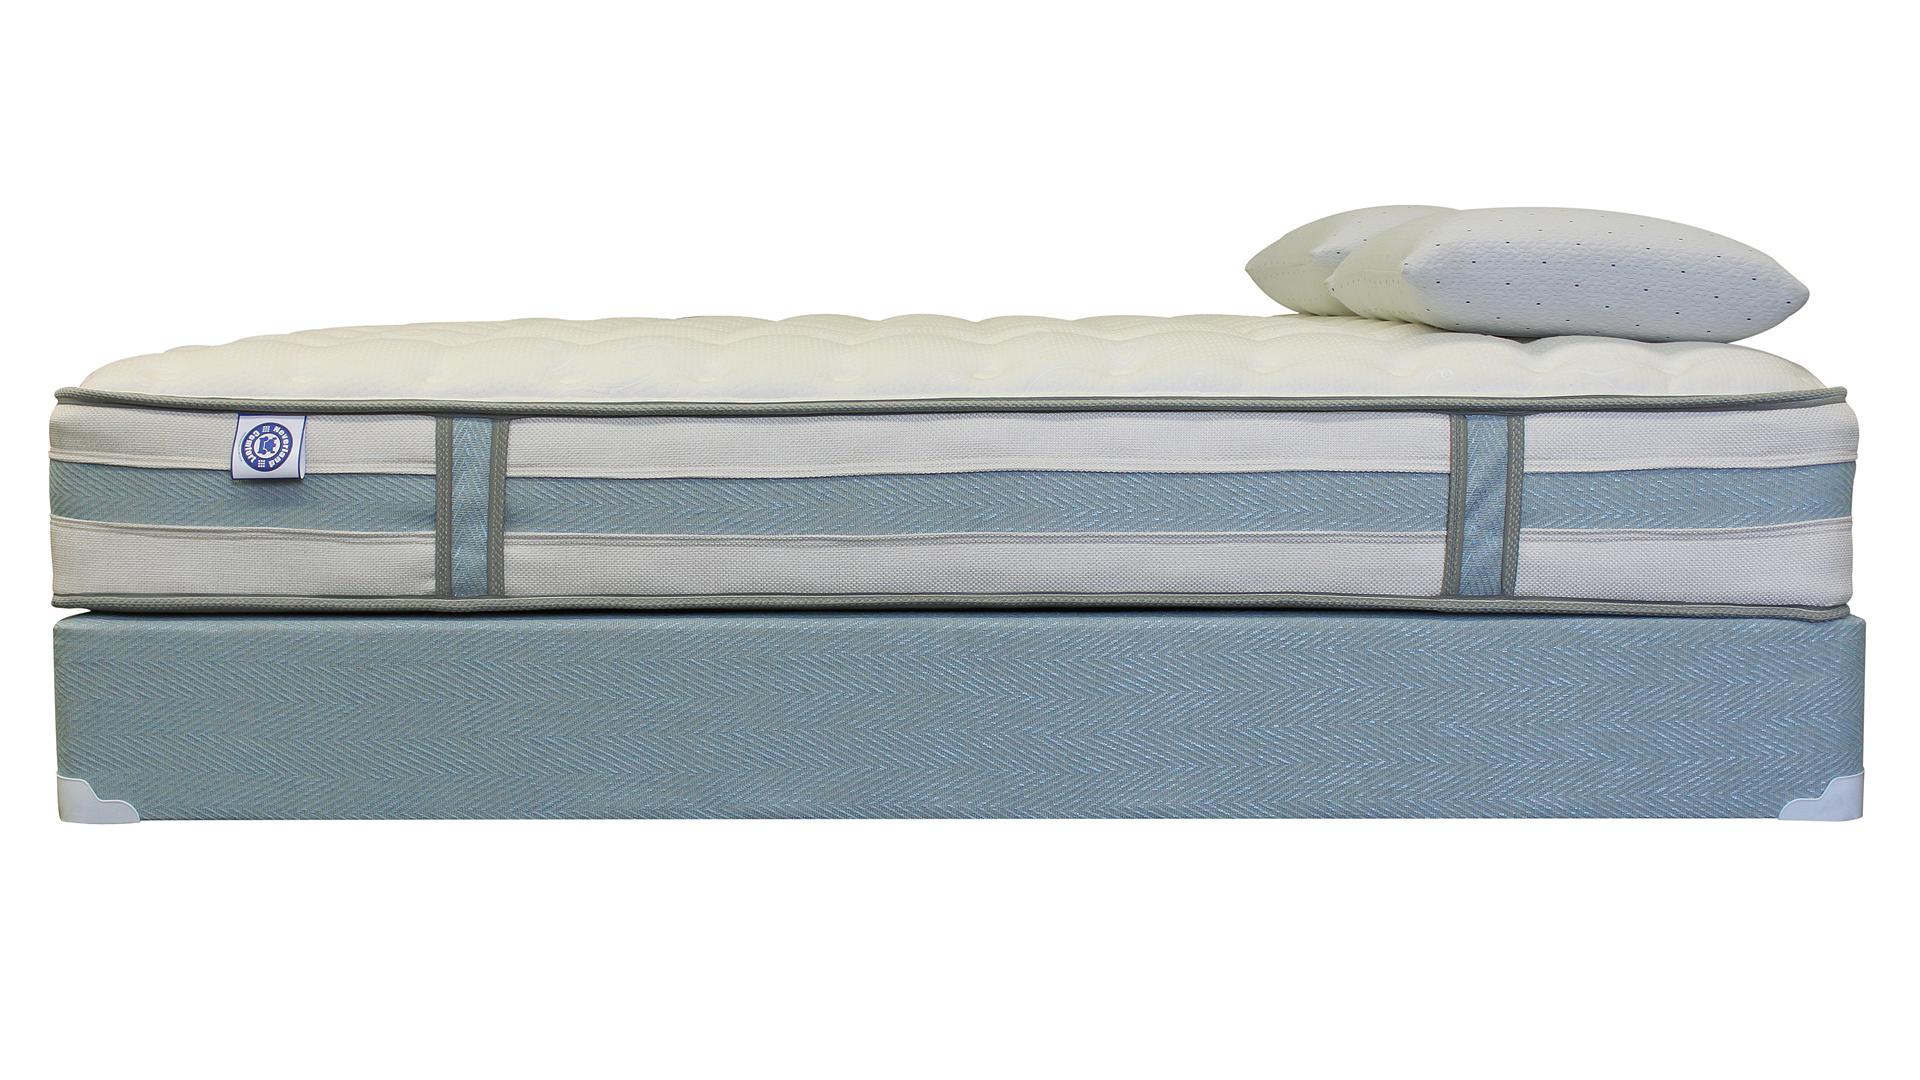 Neverland fort Alexandria Blue mattress set